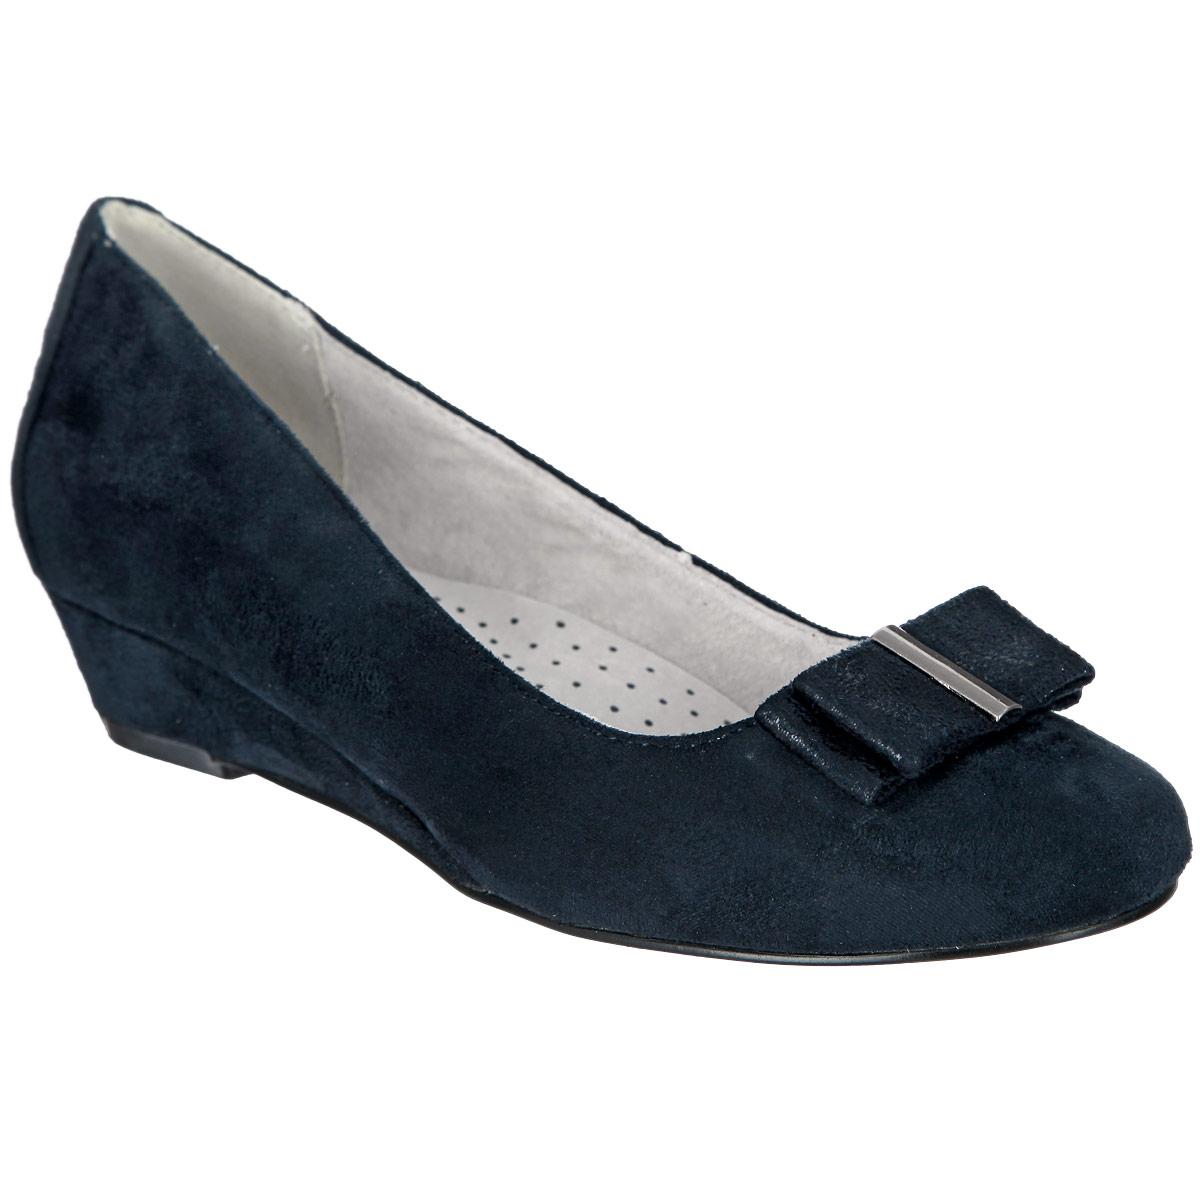 Туфли для девочки. 958586/01-02958586/01-02Прелестные туфли от Betsy очаруют вашу девочку с первого взгляда! Модель на небольшой танкетке выполнена из искусственной замши. Мыс украшен двойным бантом, дополненным посередине металлической пластиной. Кожаная стелька дополнена супинатором, который обеспечивает правильное положение ноги ребенка при ходьбе, предотвращает плоскостопие. Перфорация на стельке позволяет ногам дышать. Подошва - с противоскользящим рифлением. Стильные туфли займут достойное место в гардеробе вашей девочки.